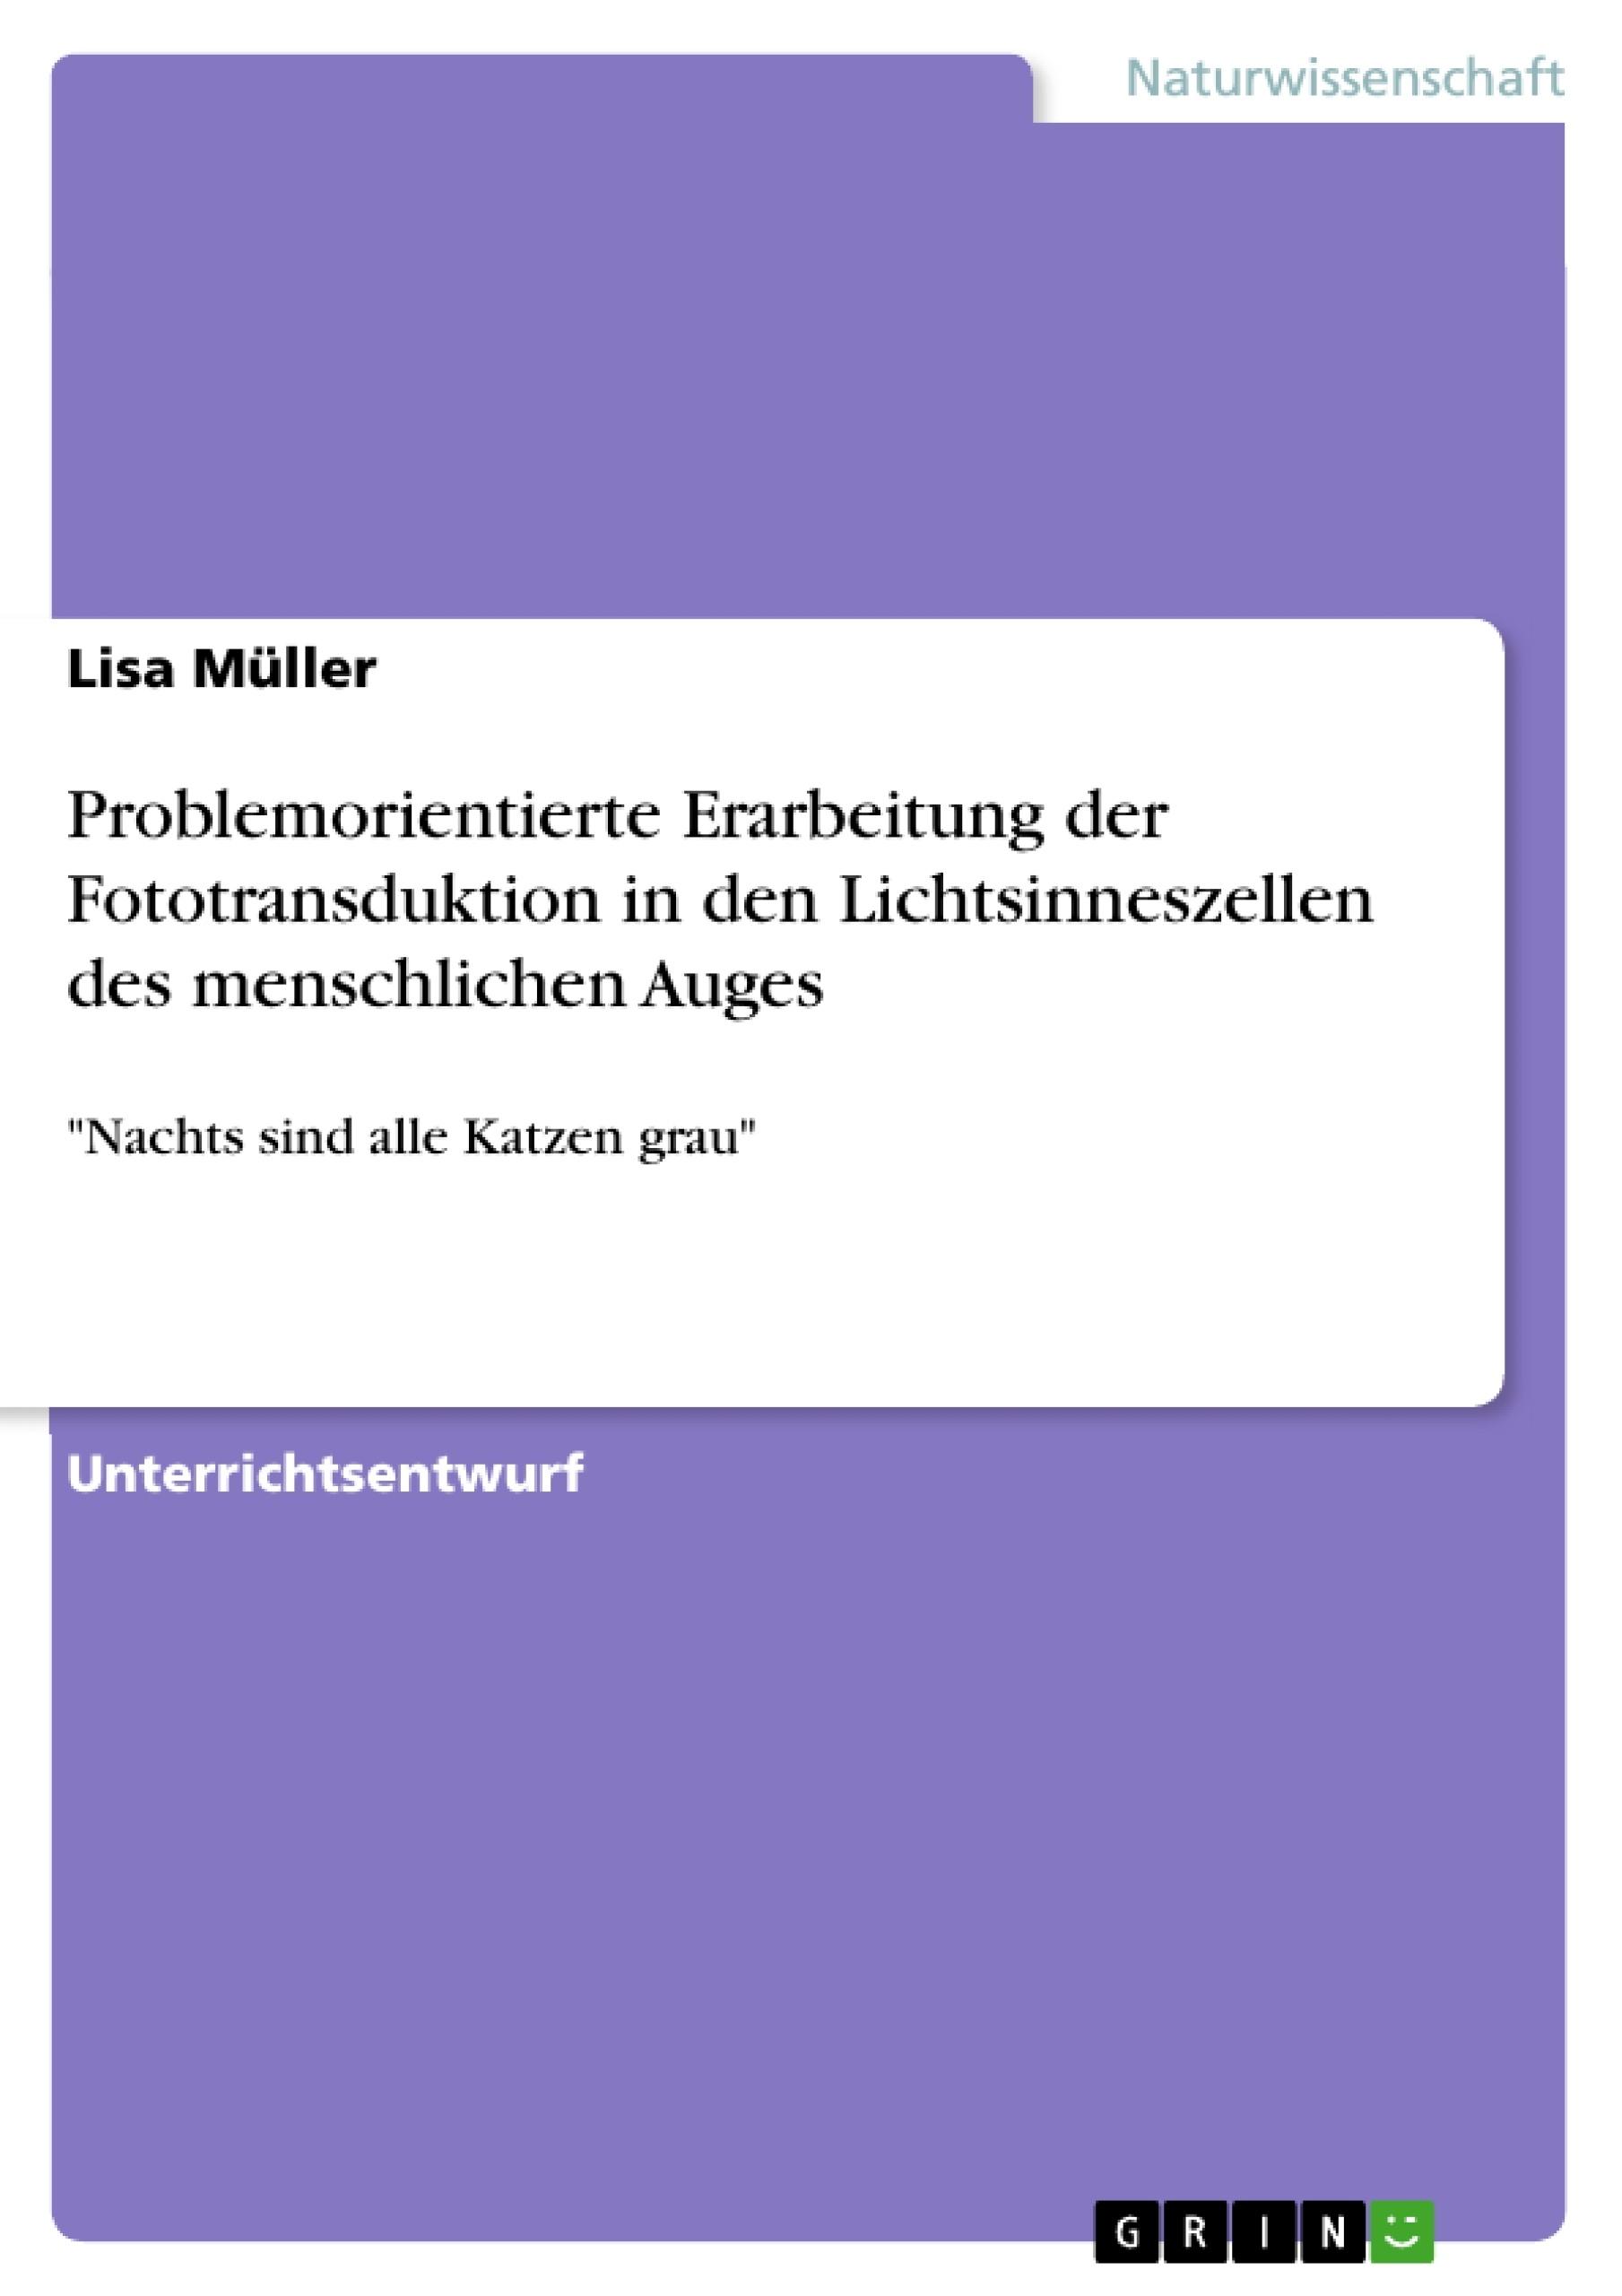 Titel: Problemorientierte Erarbeitung der Fototransduktion in den Lichtsinneszellen des menschlichen Auges